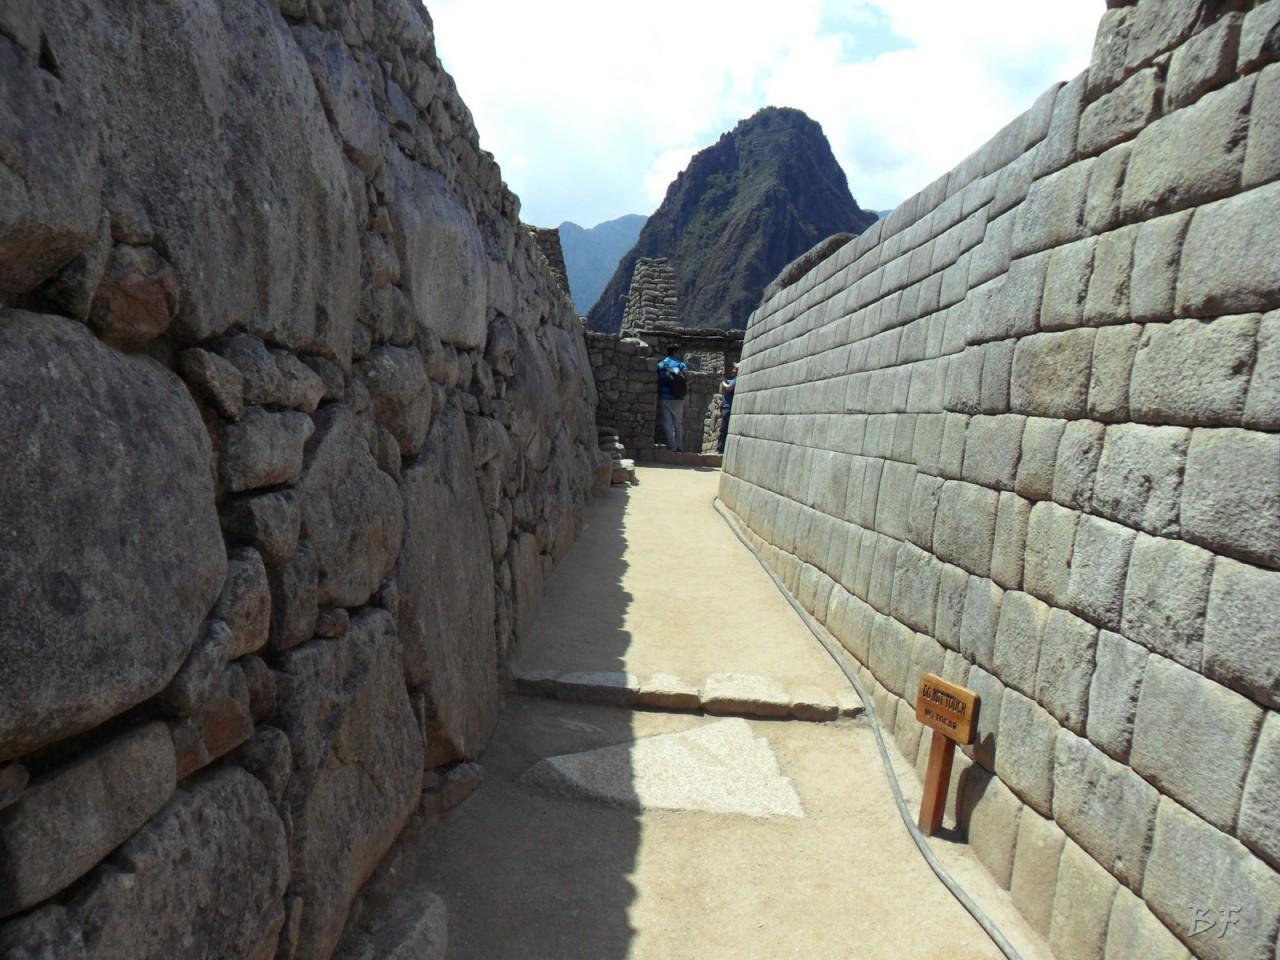 Mura-Poligonali-Incisioni-Altari-Edifici-Rupestri-Megaliti-Machu-Picchu-Aguas-Calientes-Urubamba-Cusco-Perù-170